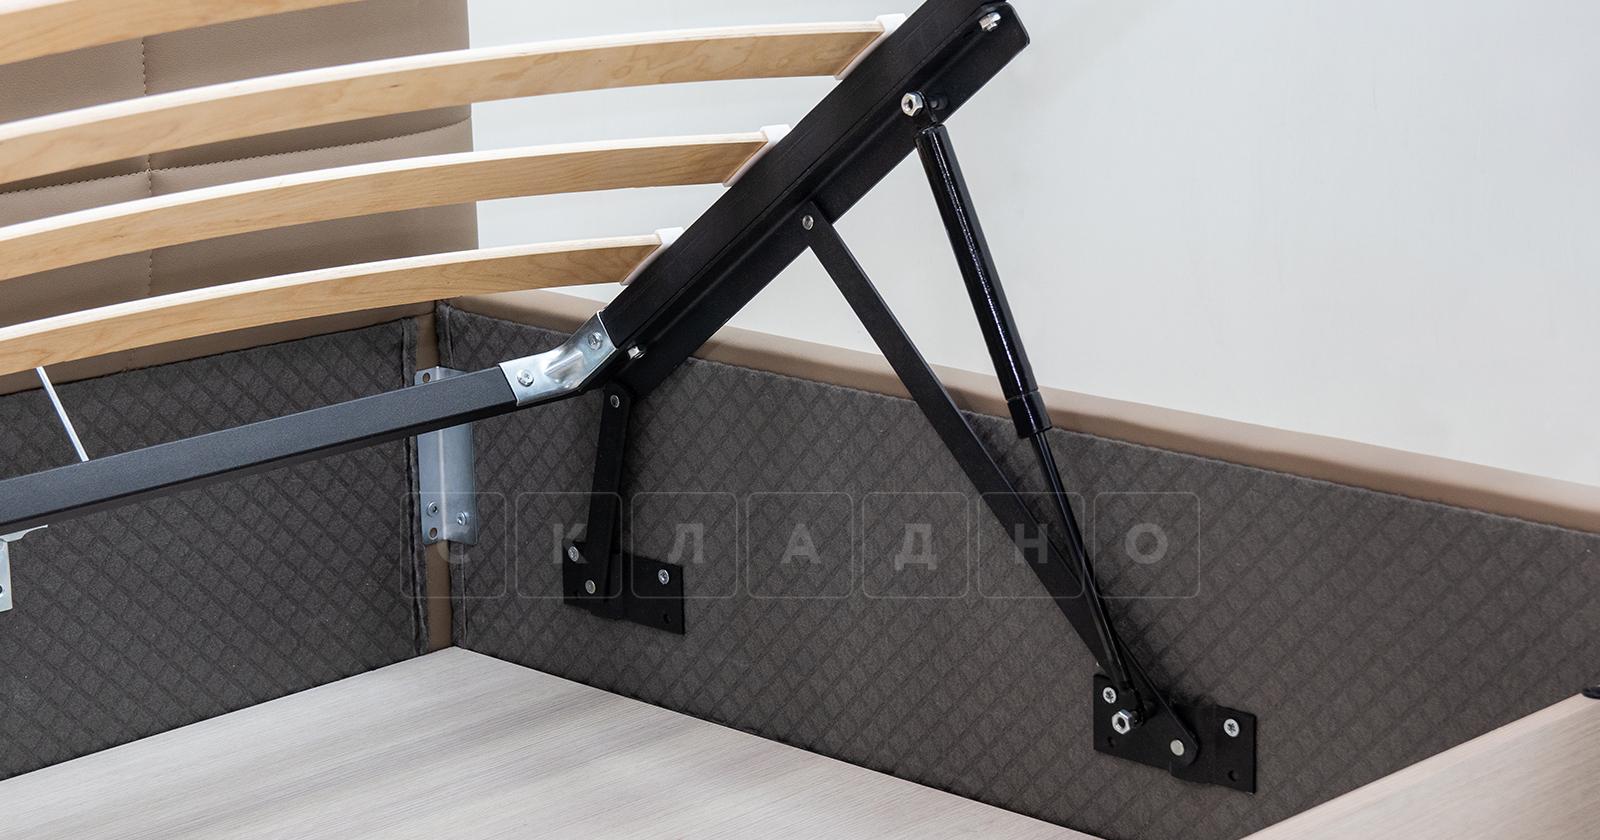 Мягкая кровать Хлоя 160 см капучино с подъемным механизмом фото 10 | интернет-магазин Складно